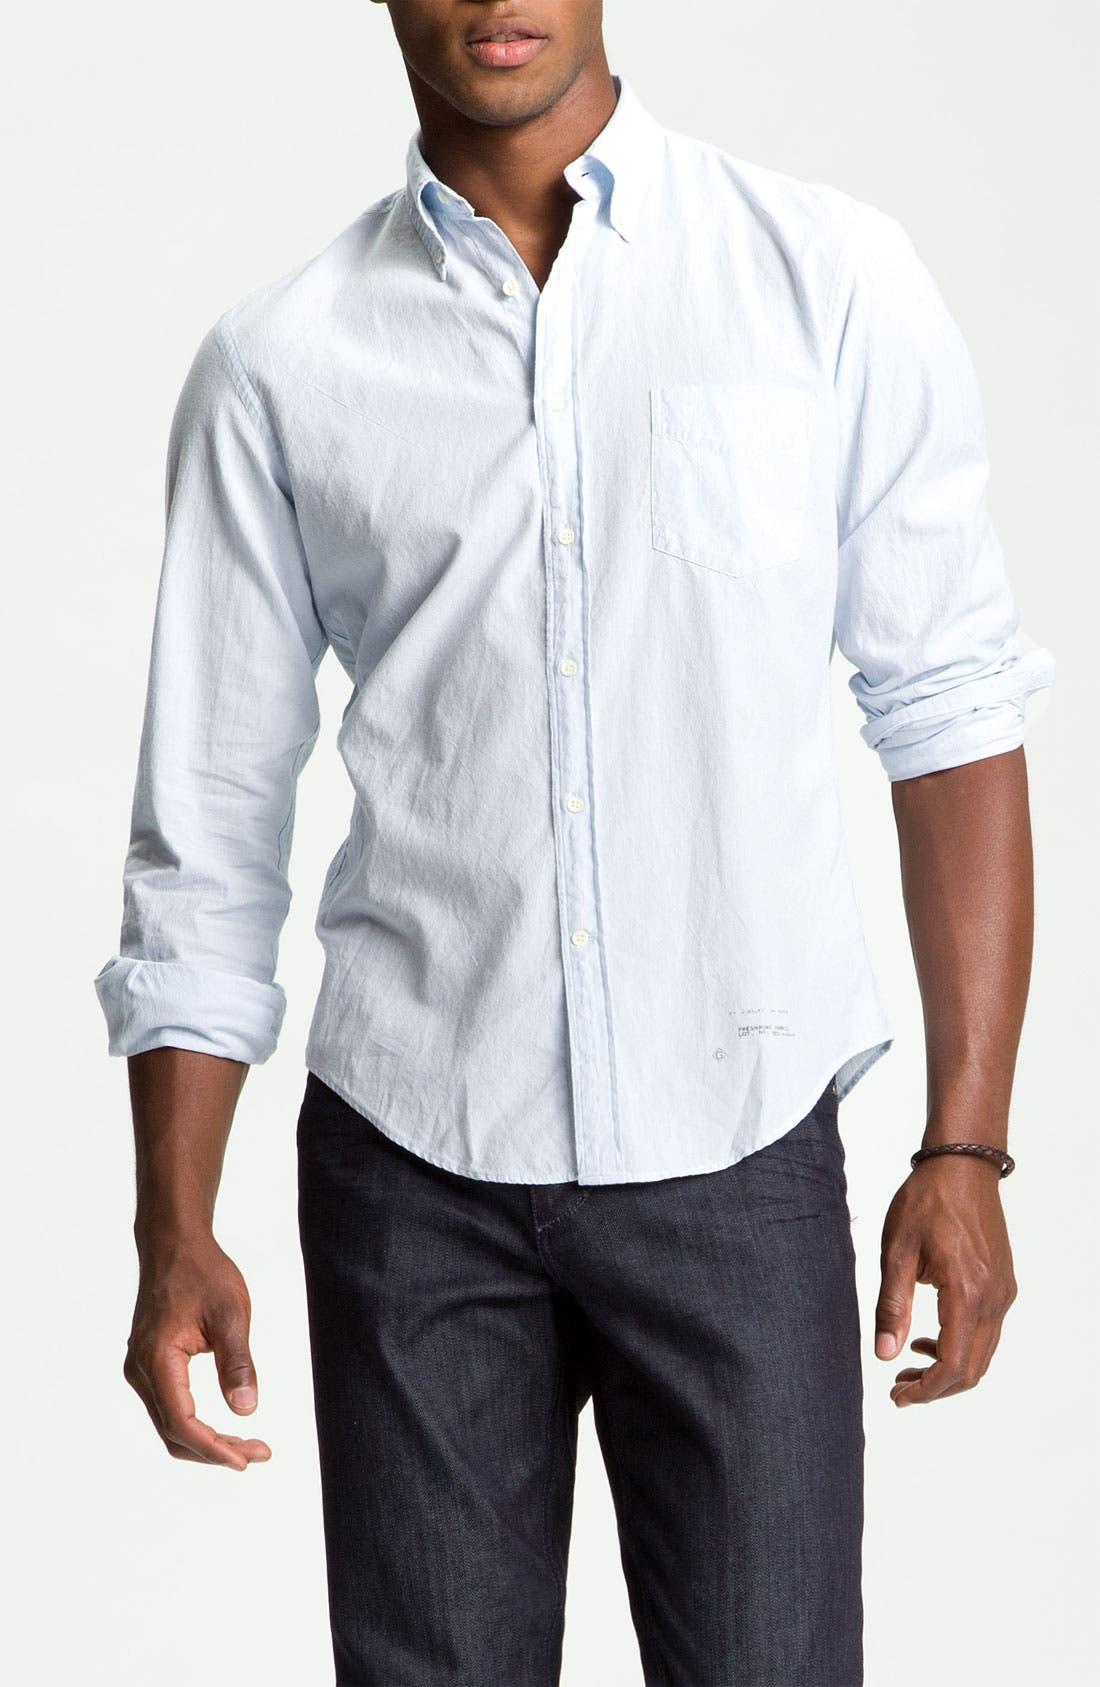 Alternate Image 1 Selected - Gant Rugger Shirt & Joe's Slim Straight Leg Jeans